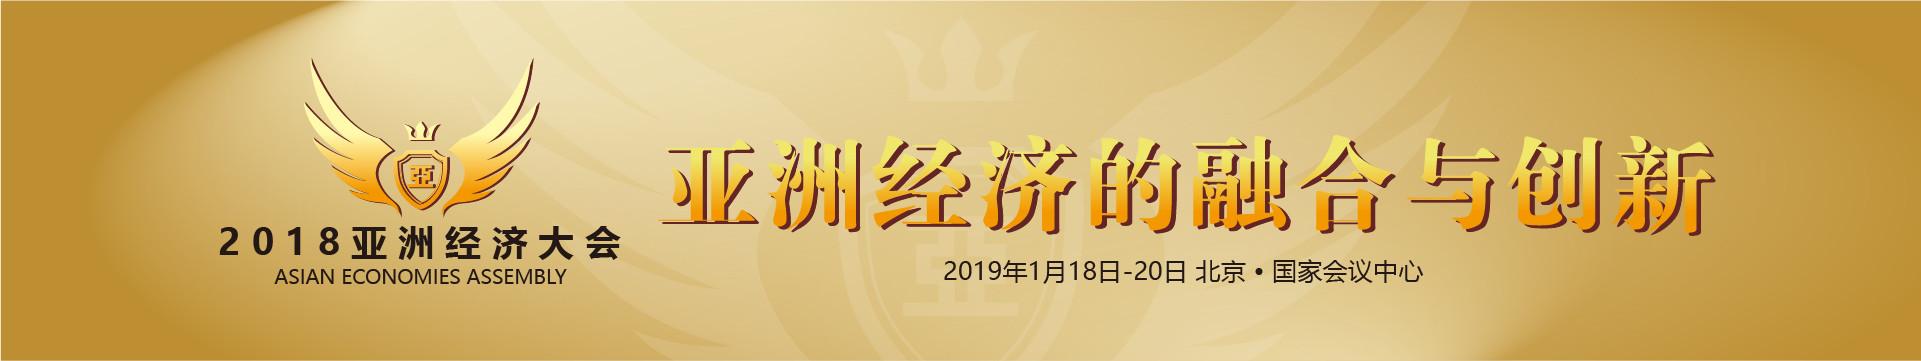 2018亚洲经济大会(2019.01.18 北京)